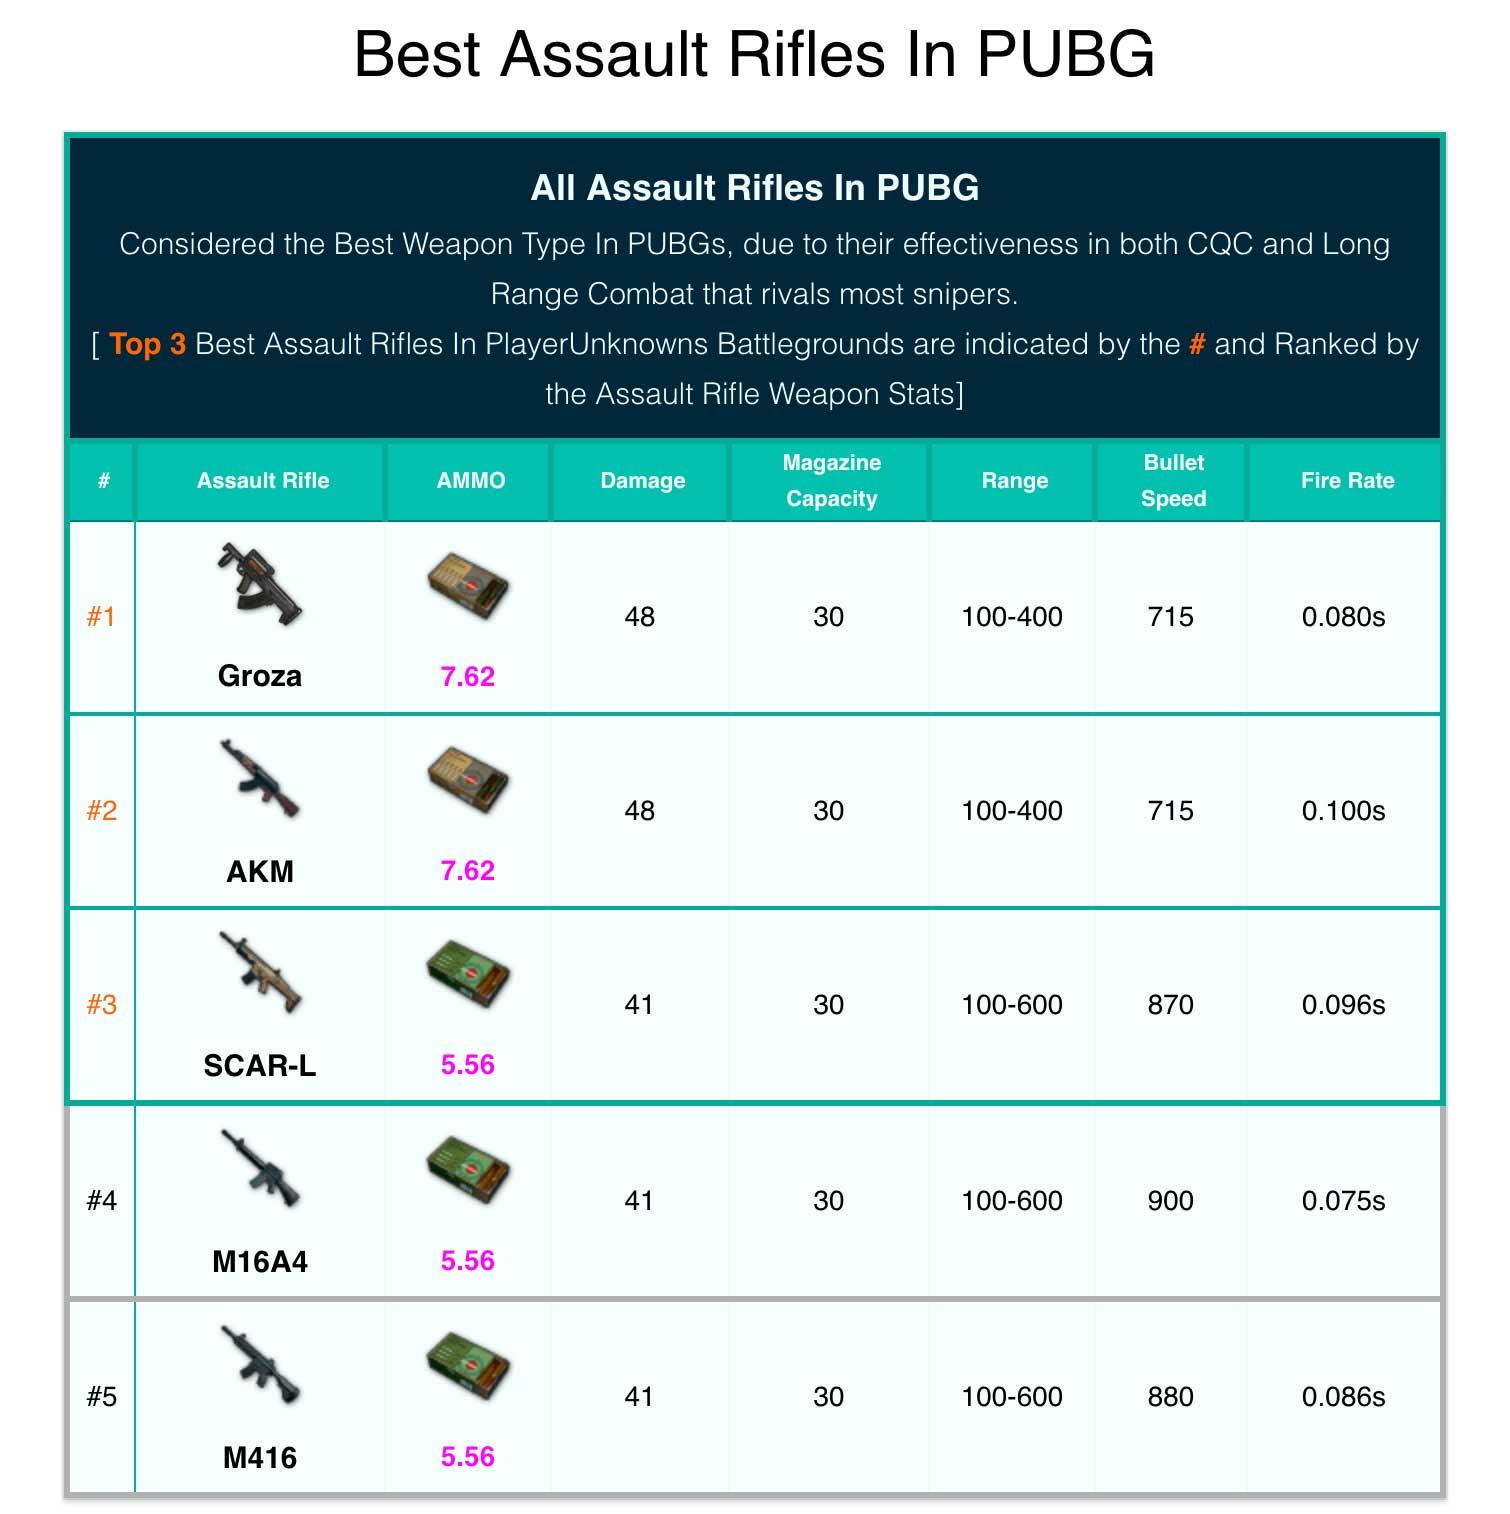 Best AR in PUBG